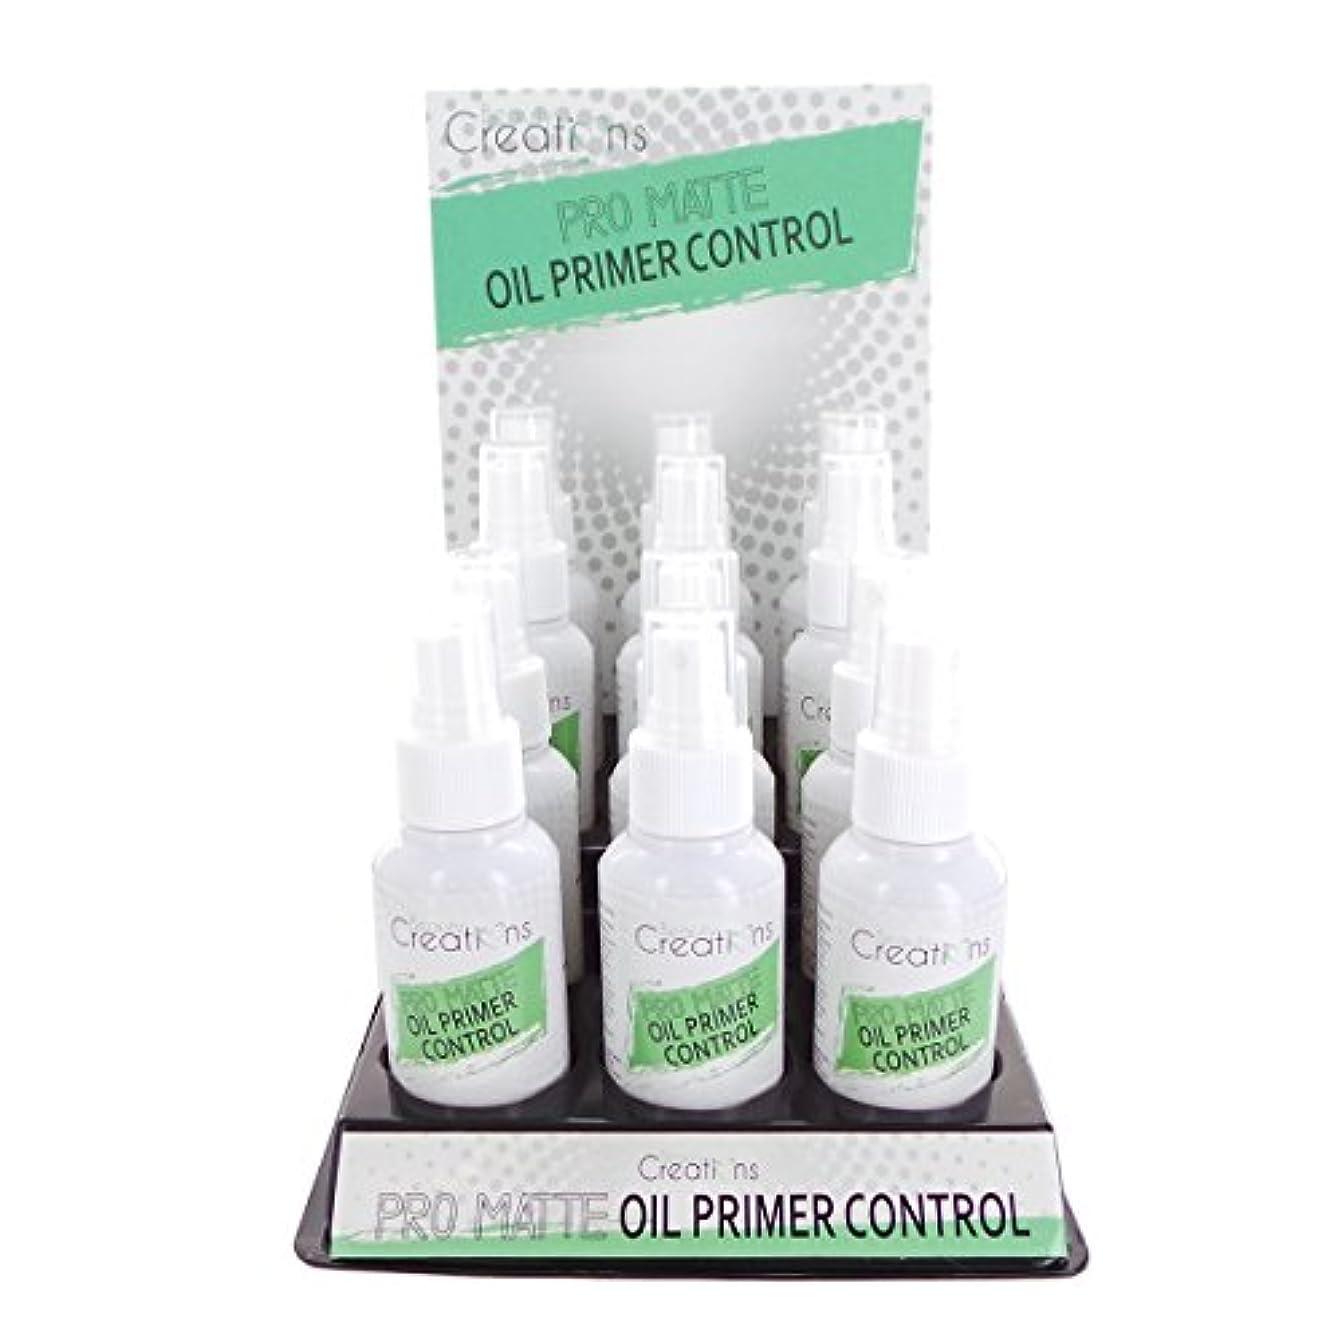 下着アレルギー性重力BEAUTY CREATIONS Pro Matte Oil Primer Control Spray Display Set, 12 Pieces (並行輸入品)